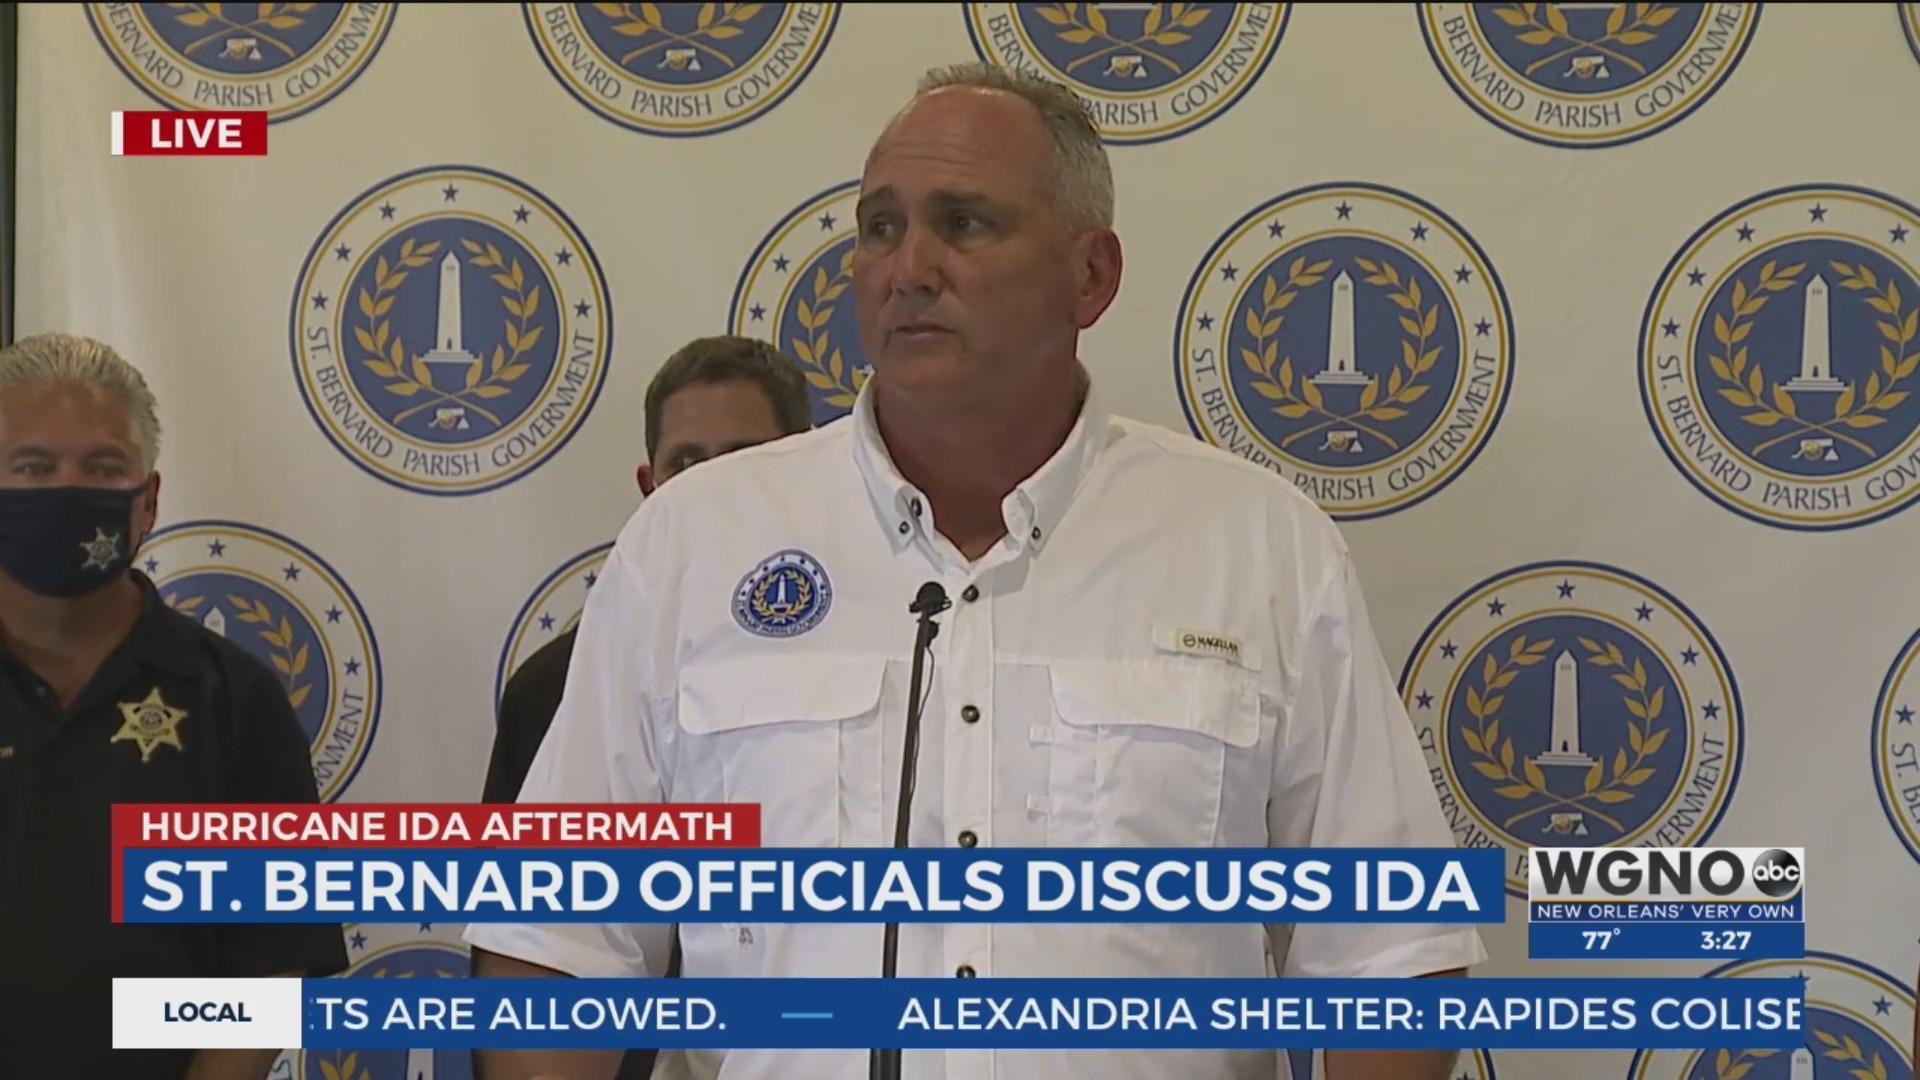 St. Bernard Parish officials give a post-hurricane update